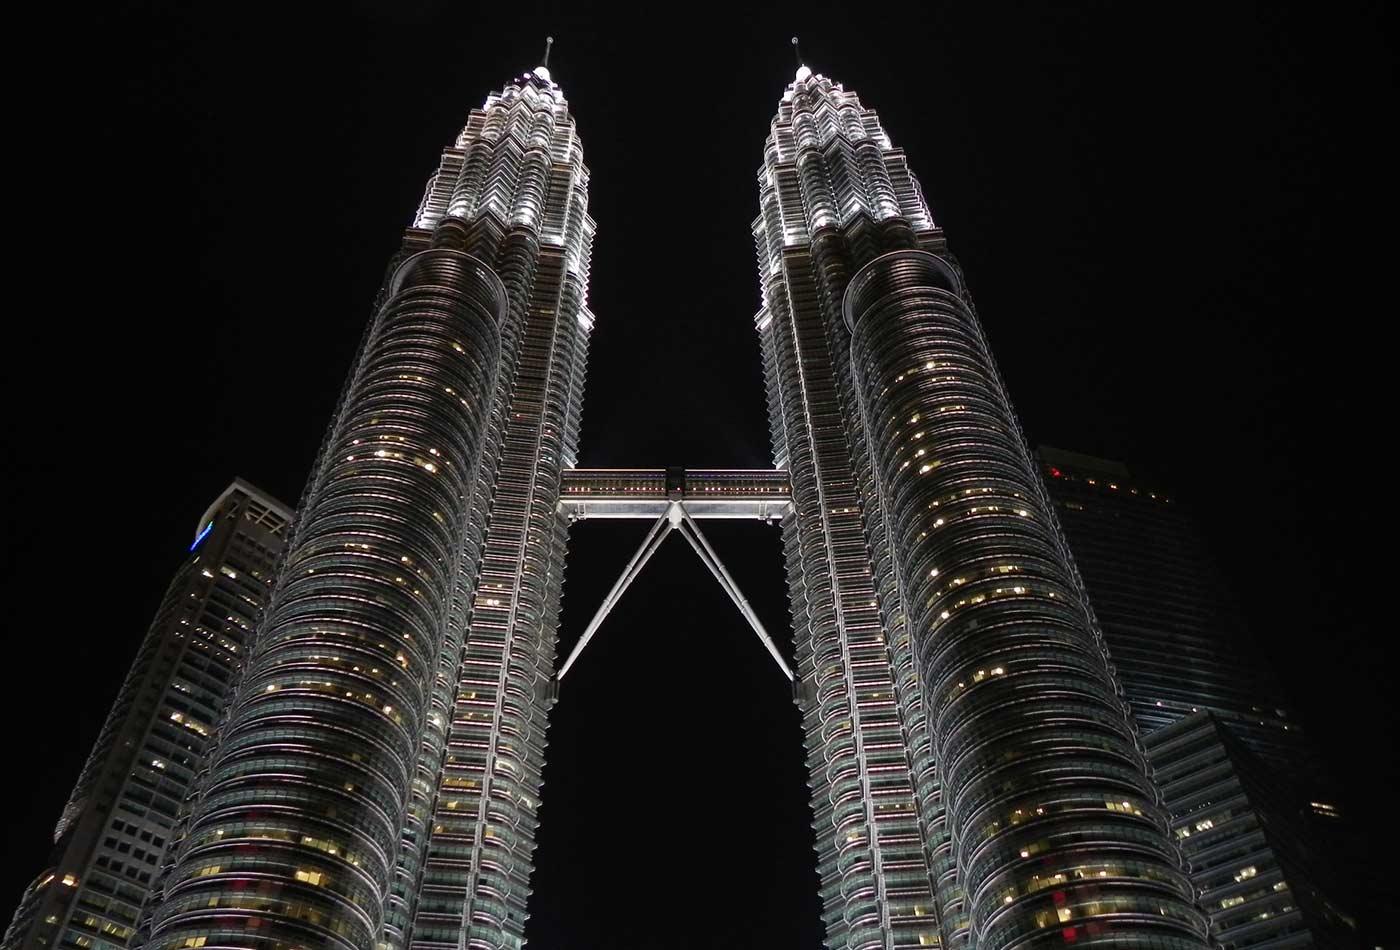 The Petronas Twin Towers in Kuala Lumpur in Malaysia.